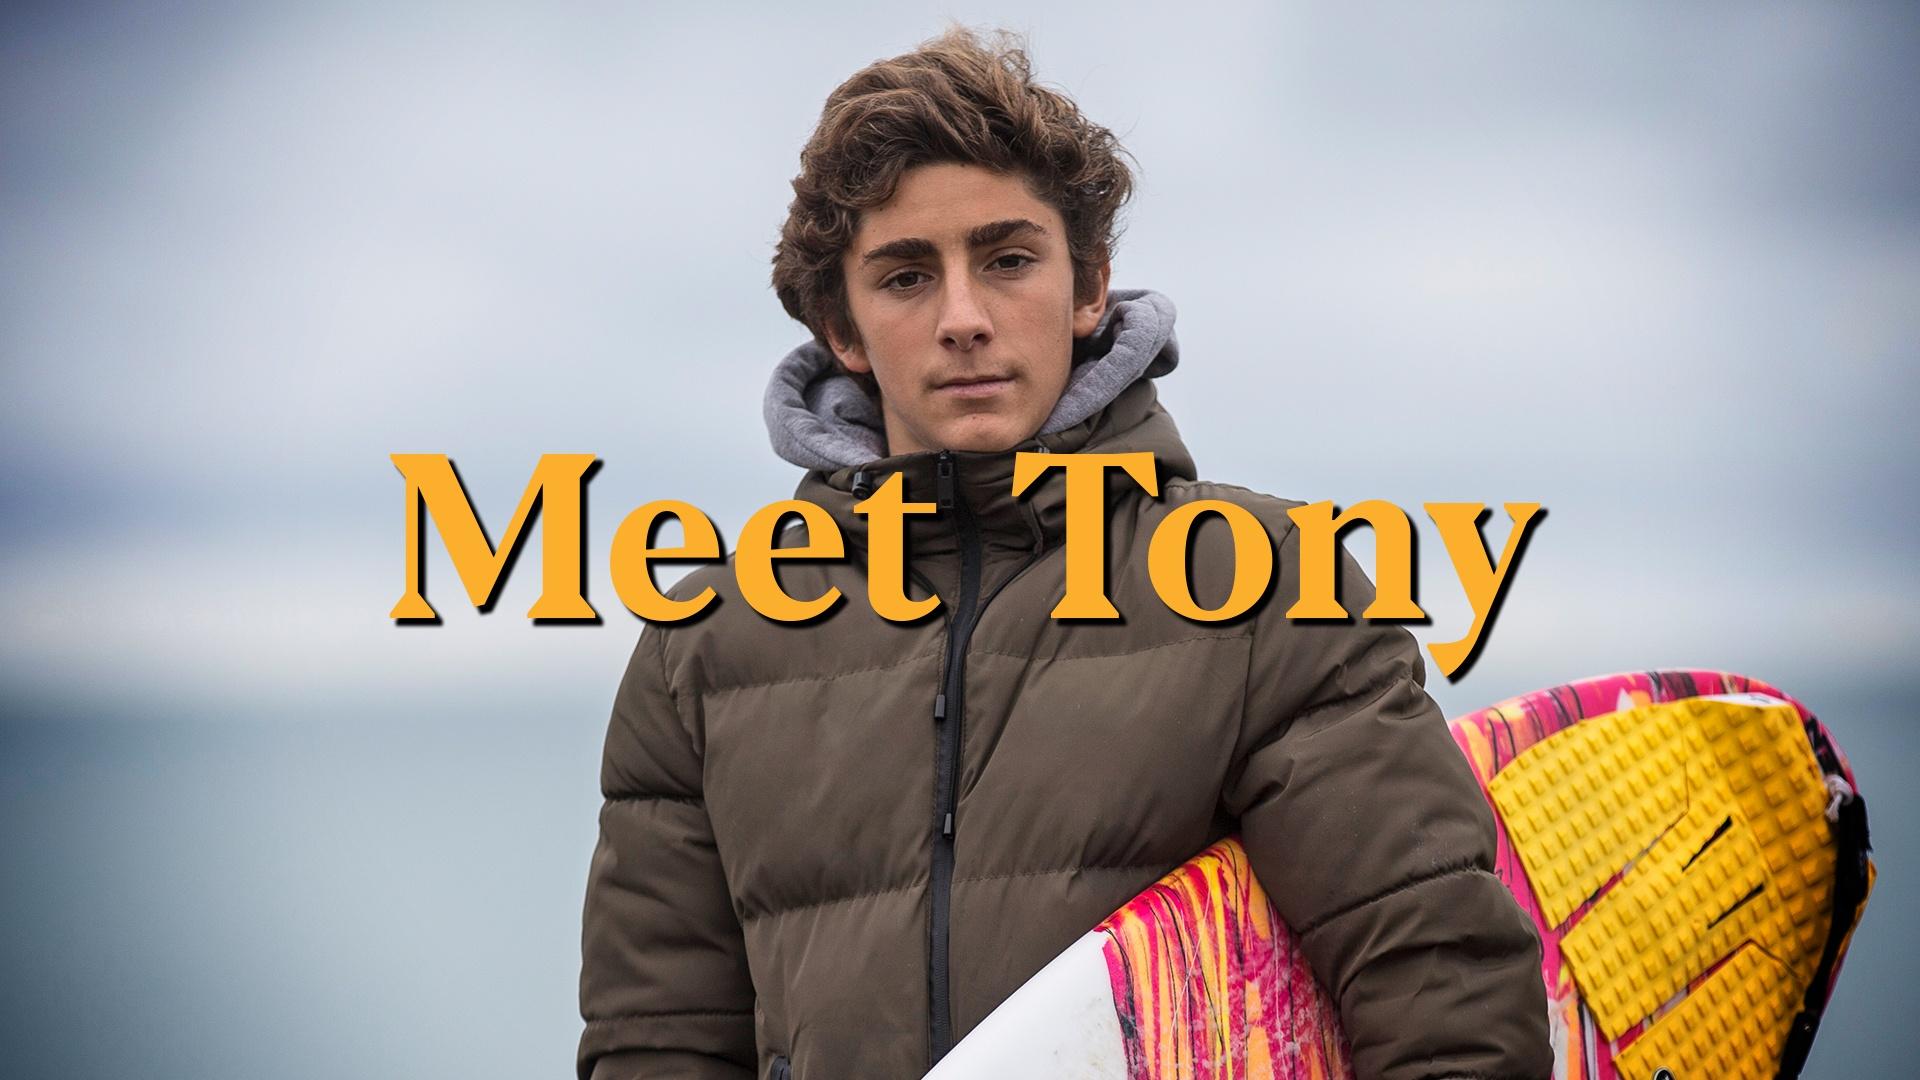 """""""Meet Tony"""" - Carvemag.com"""